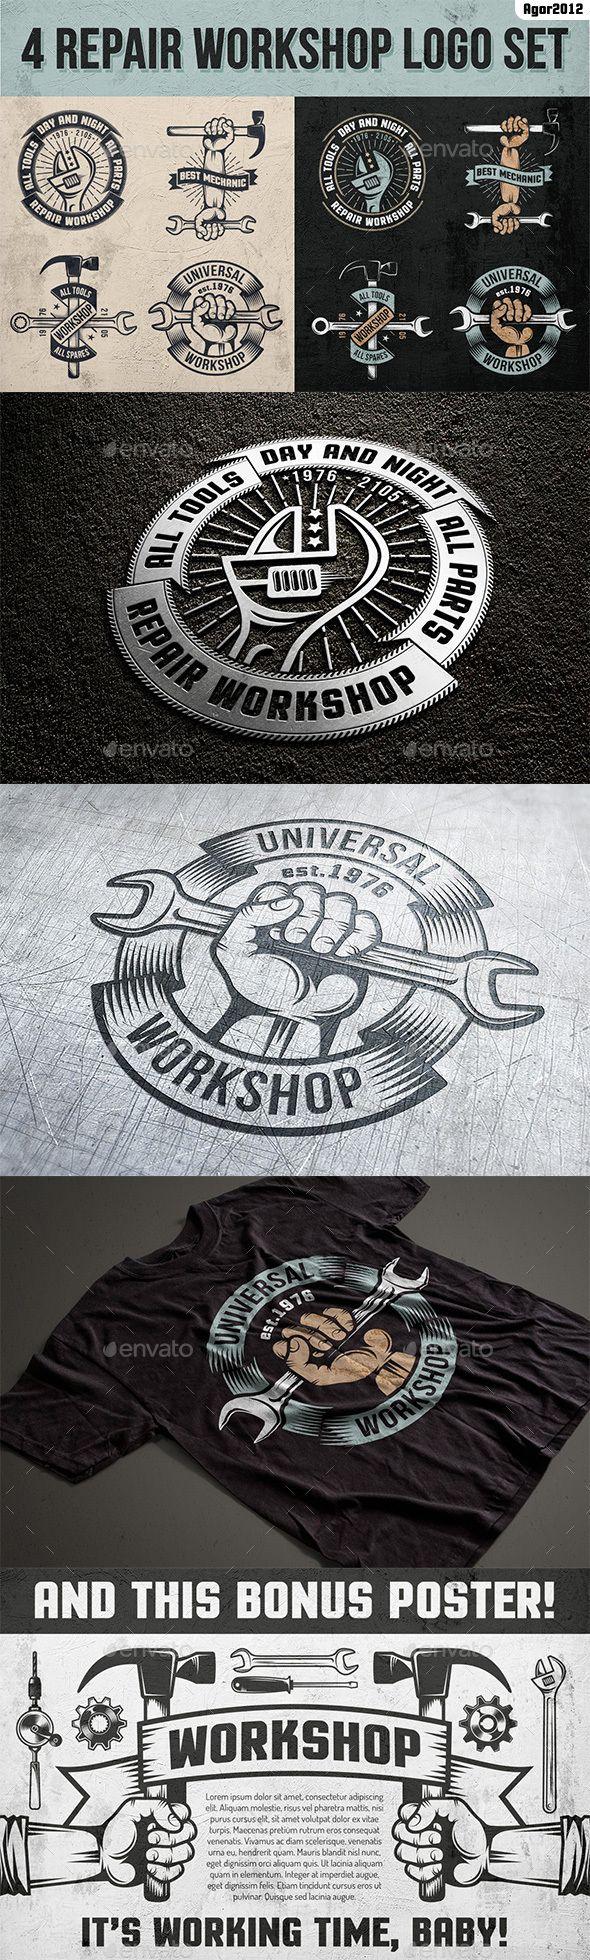 Repair Workshop Logo Set Decorative Symbols Decorative Vinyl